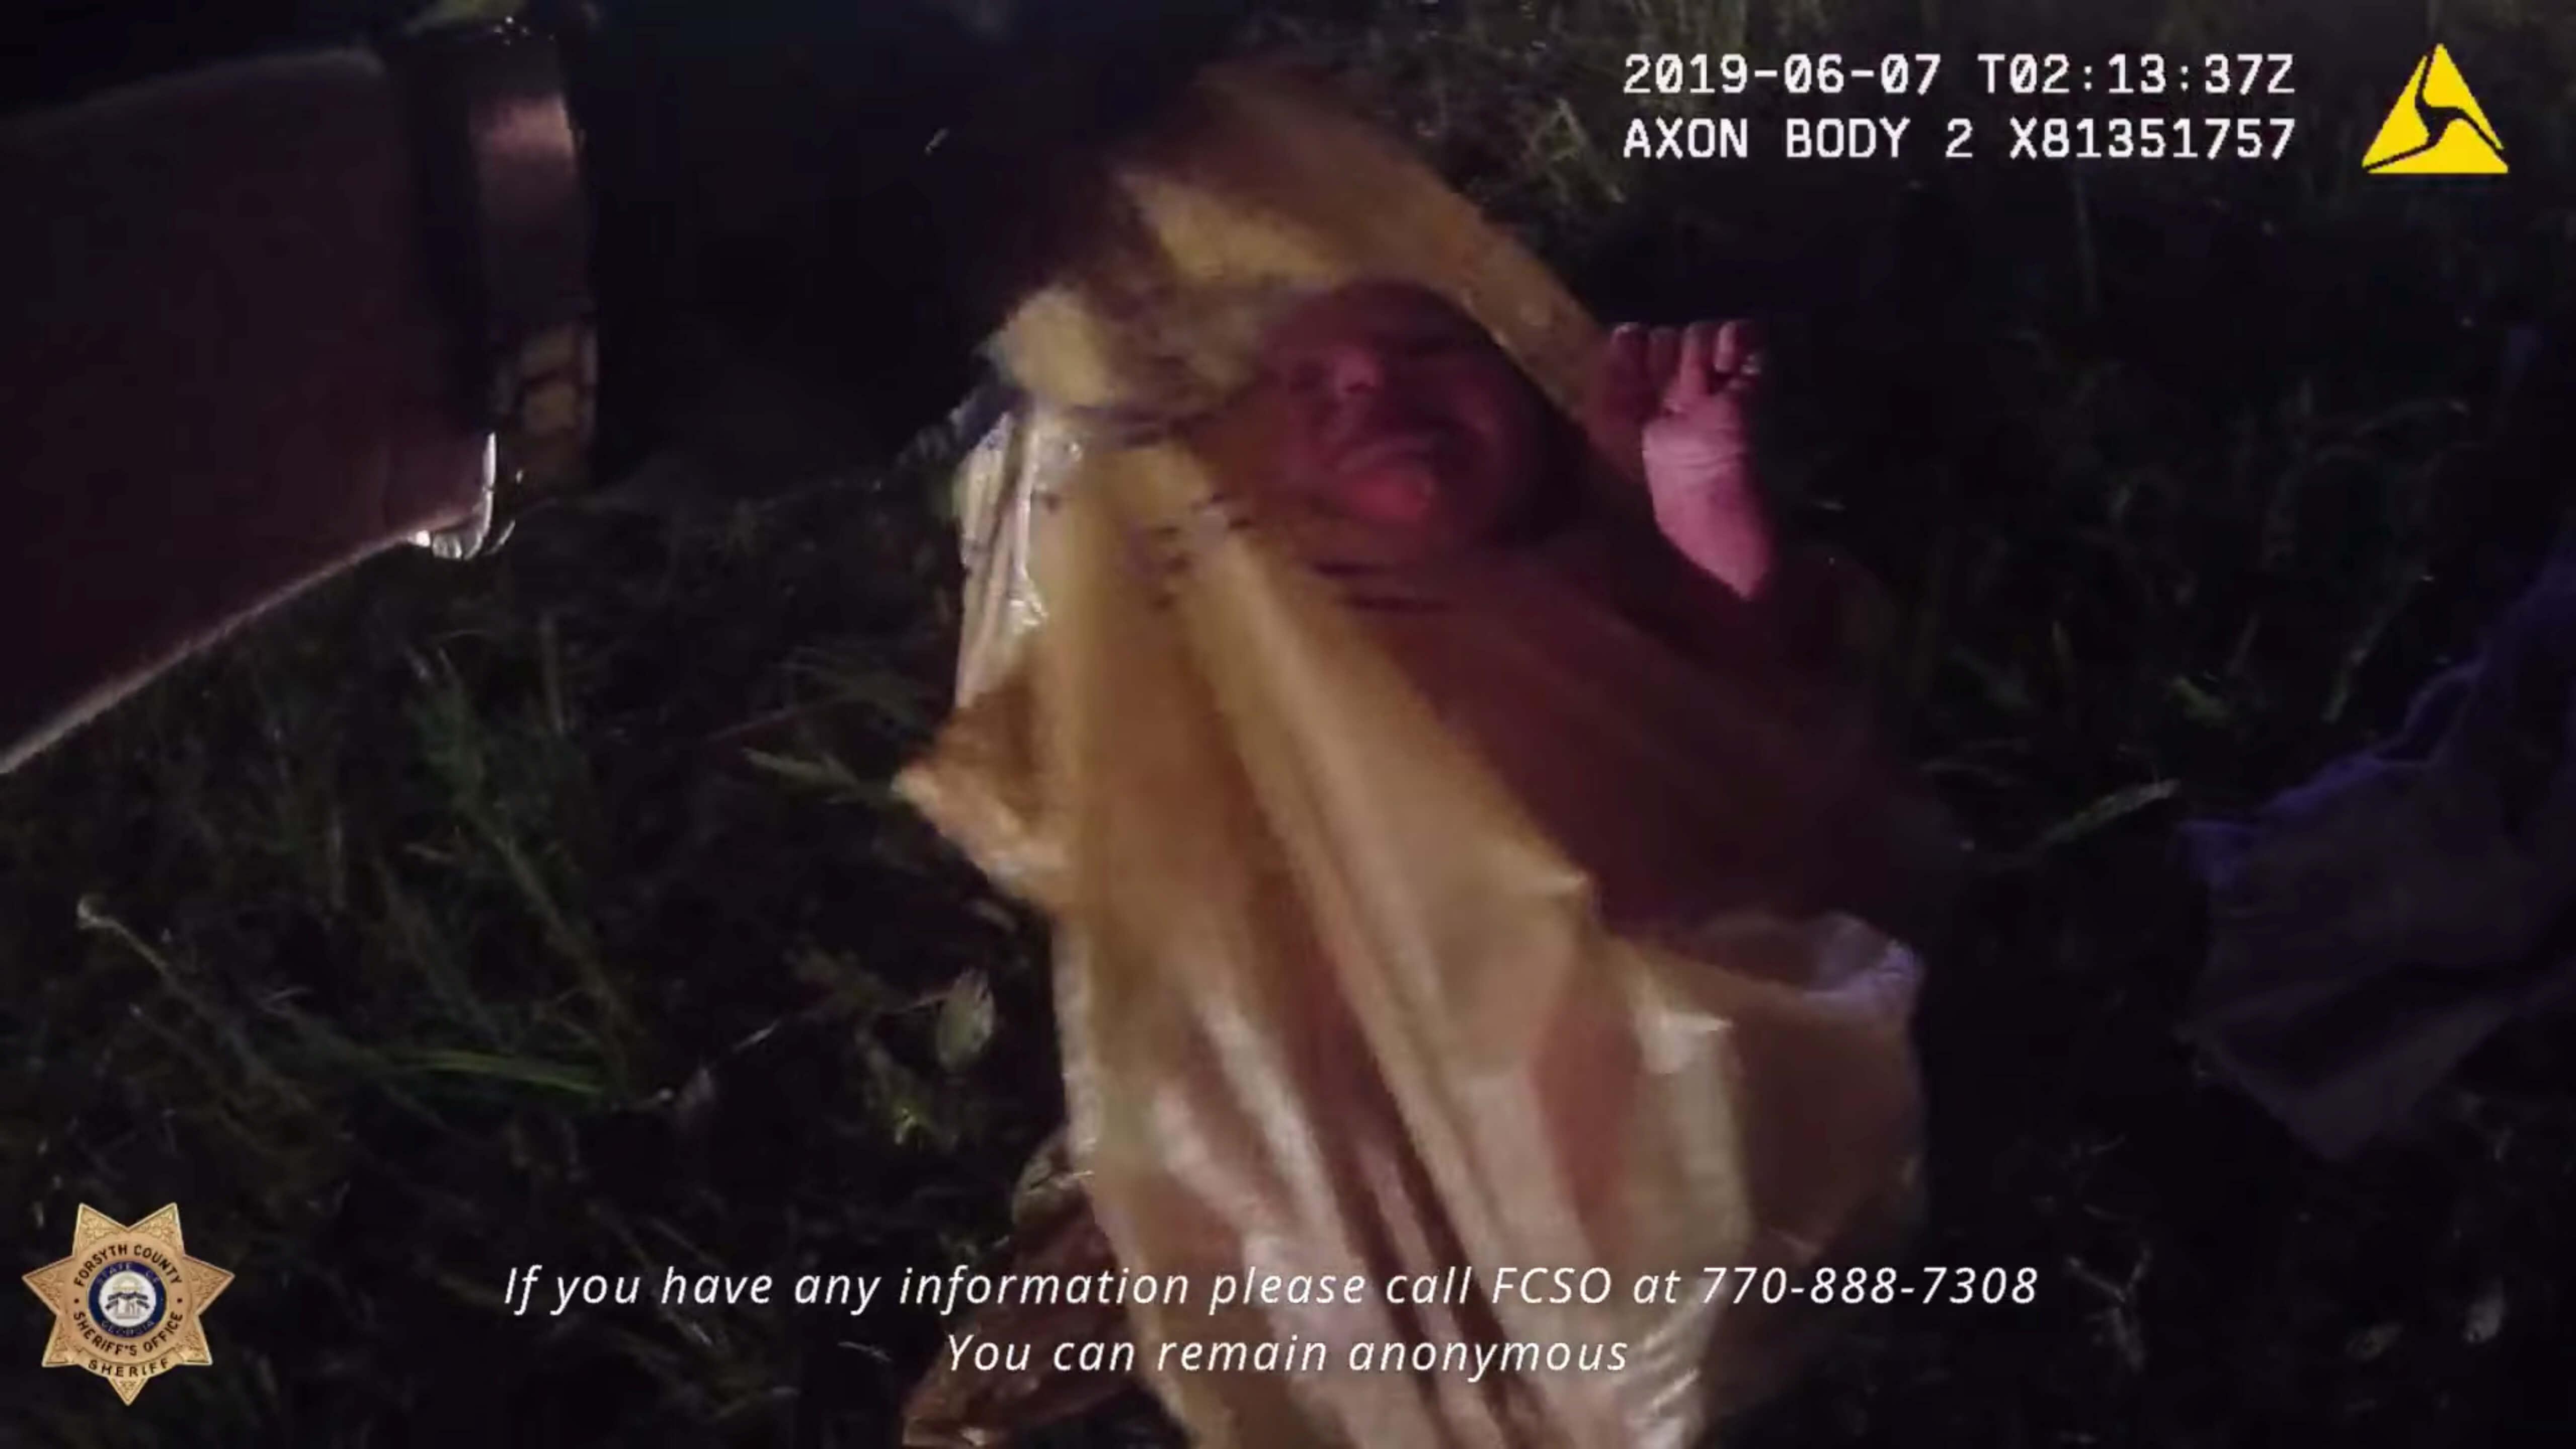 Έβαλαν ζωντανό βρέφος σε σακούλα και το πέταξαν στην άκρη του δρόμου – Συγκλονιστικό video από τη στιγμή της διάσωσης!